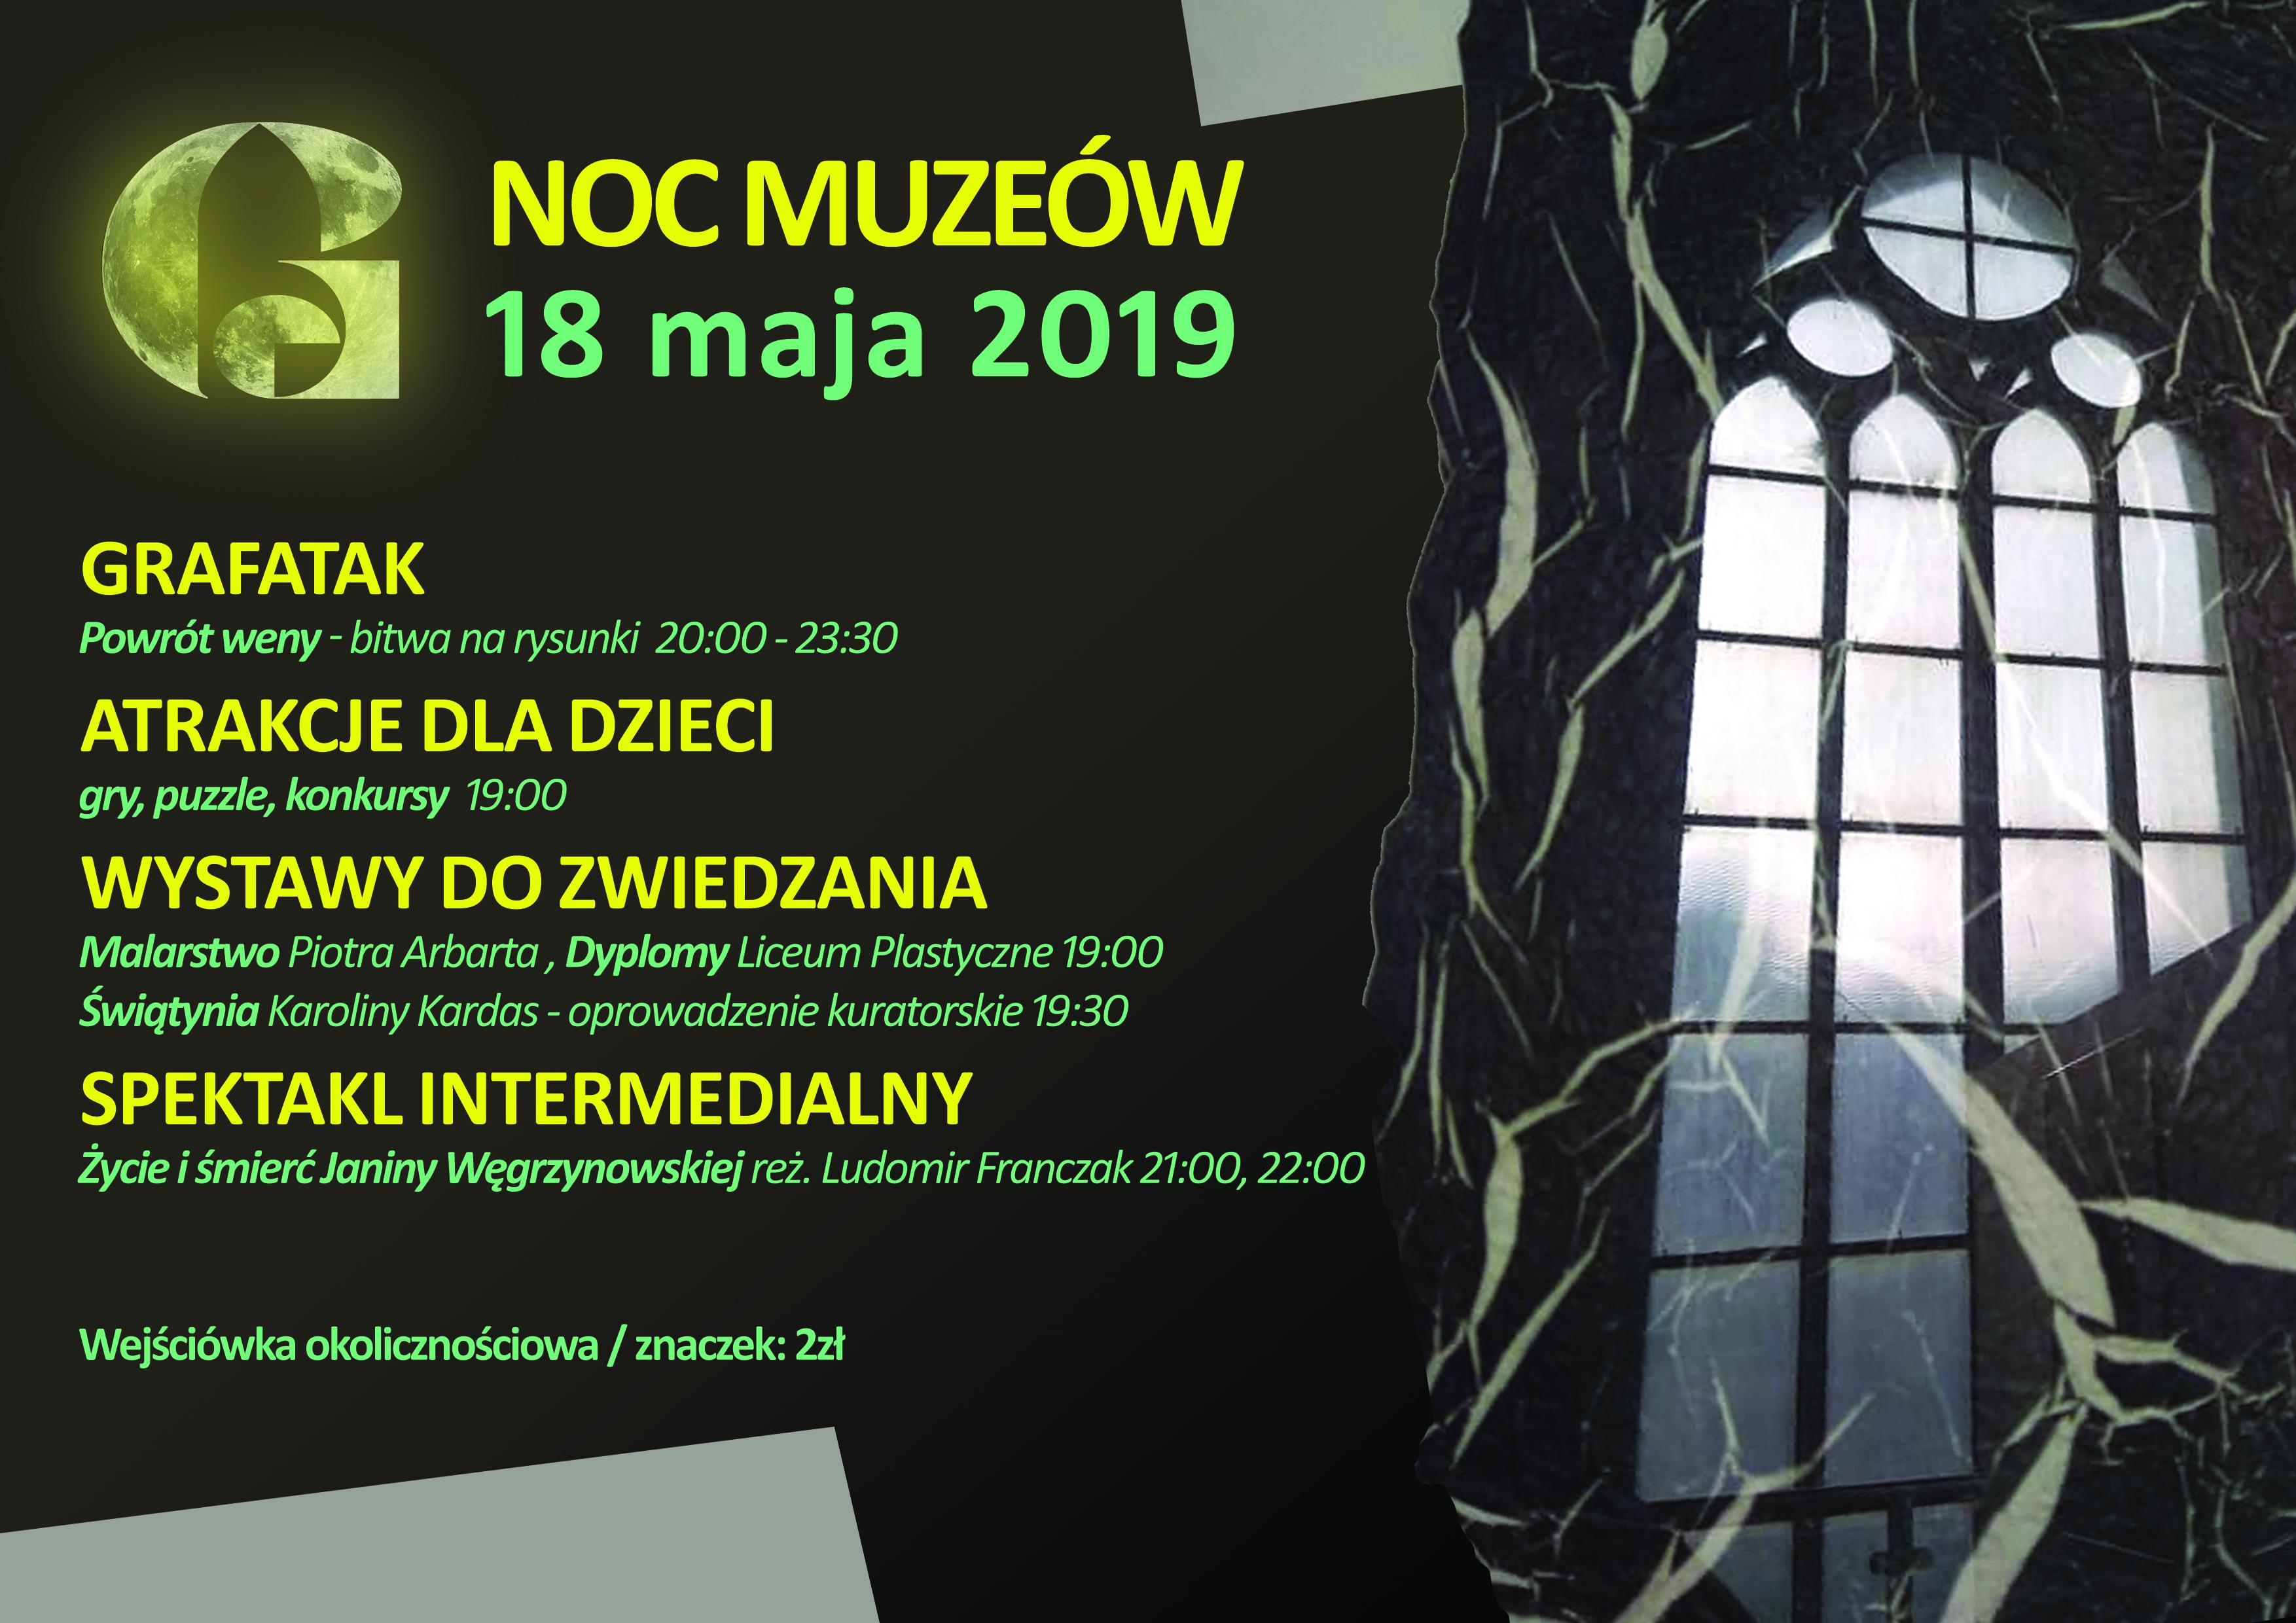 Noc Muzeów w Galerii EL – Grafatak, spektakl, wystawy i konkursy